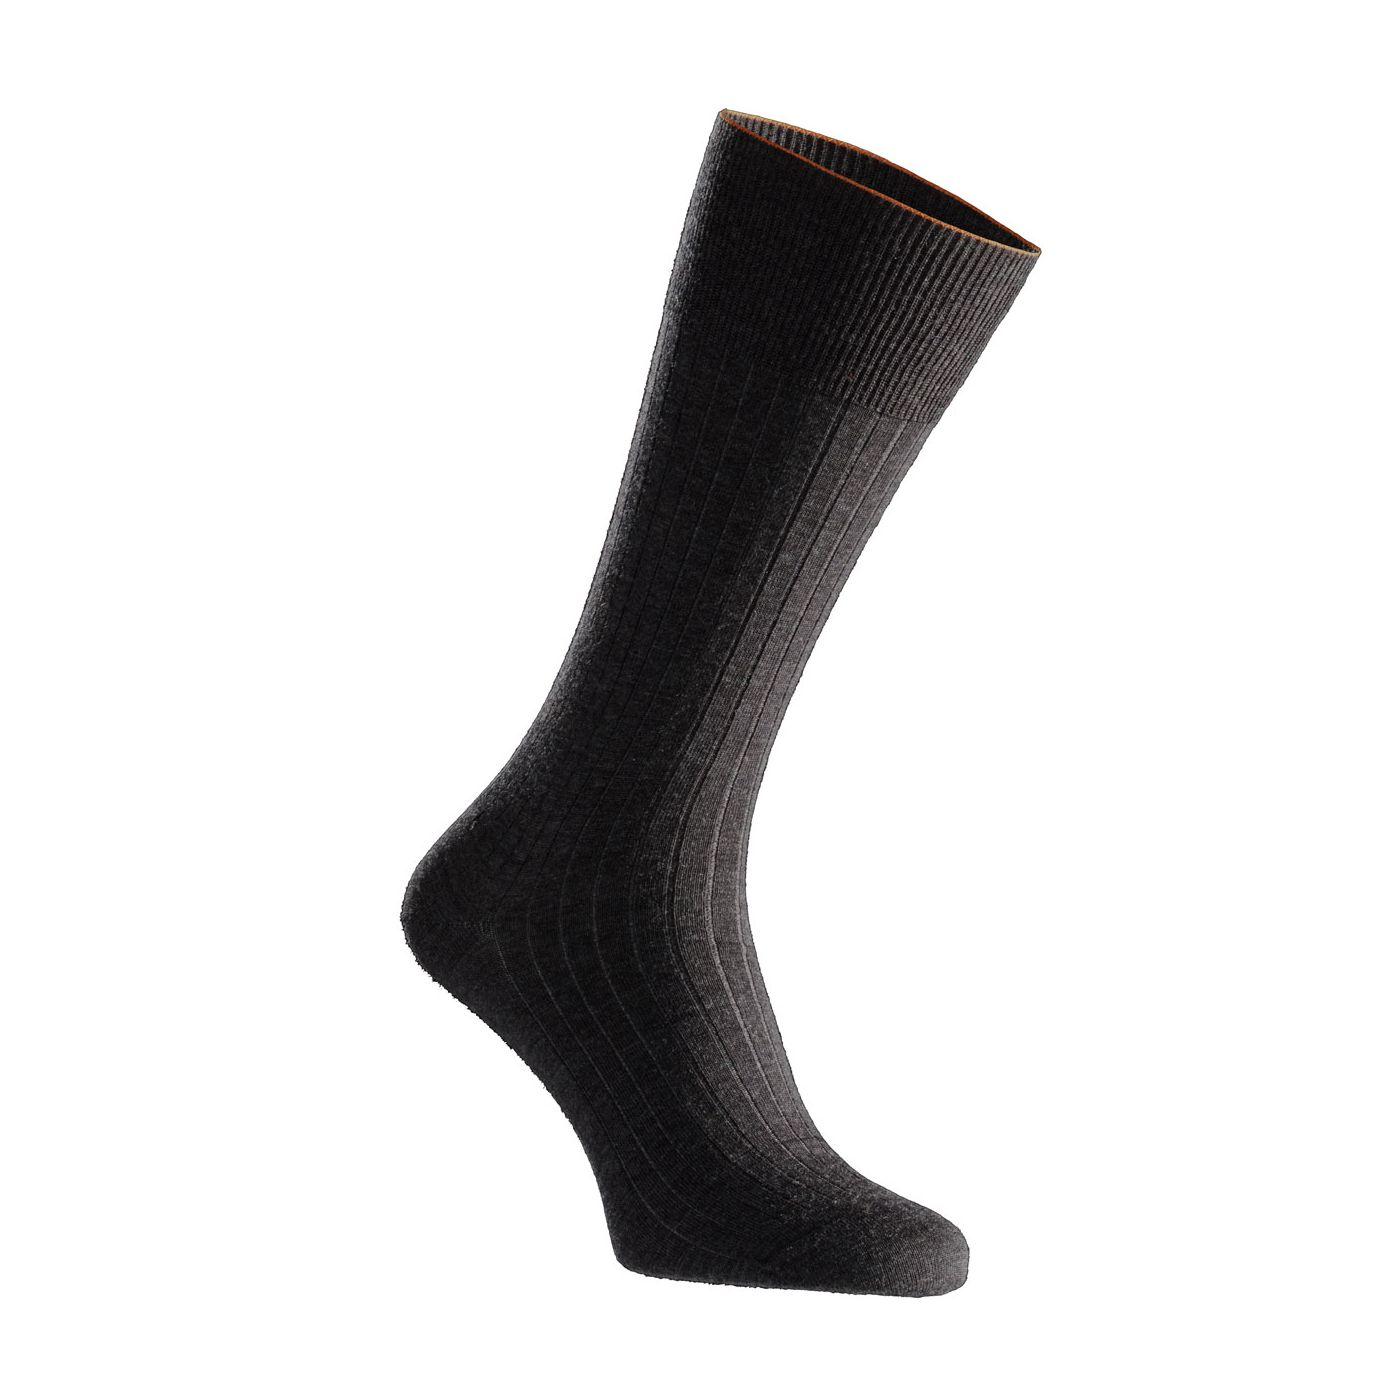 Sokken voor mannen gemaakt van merinowol in het